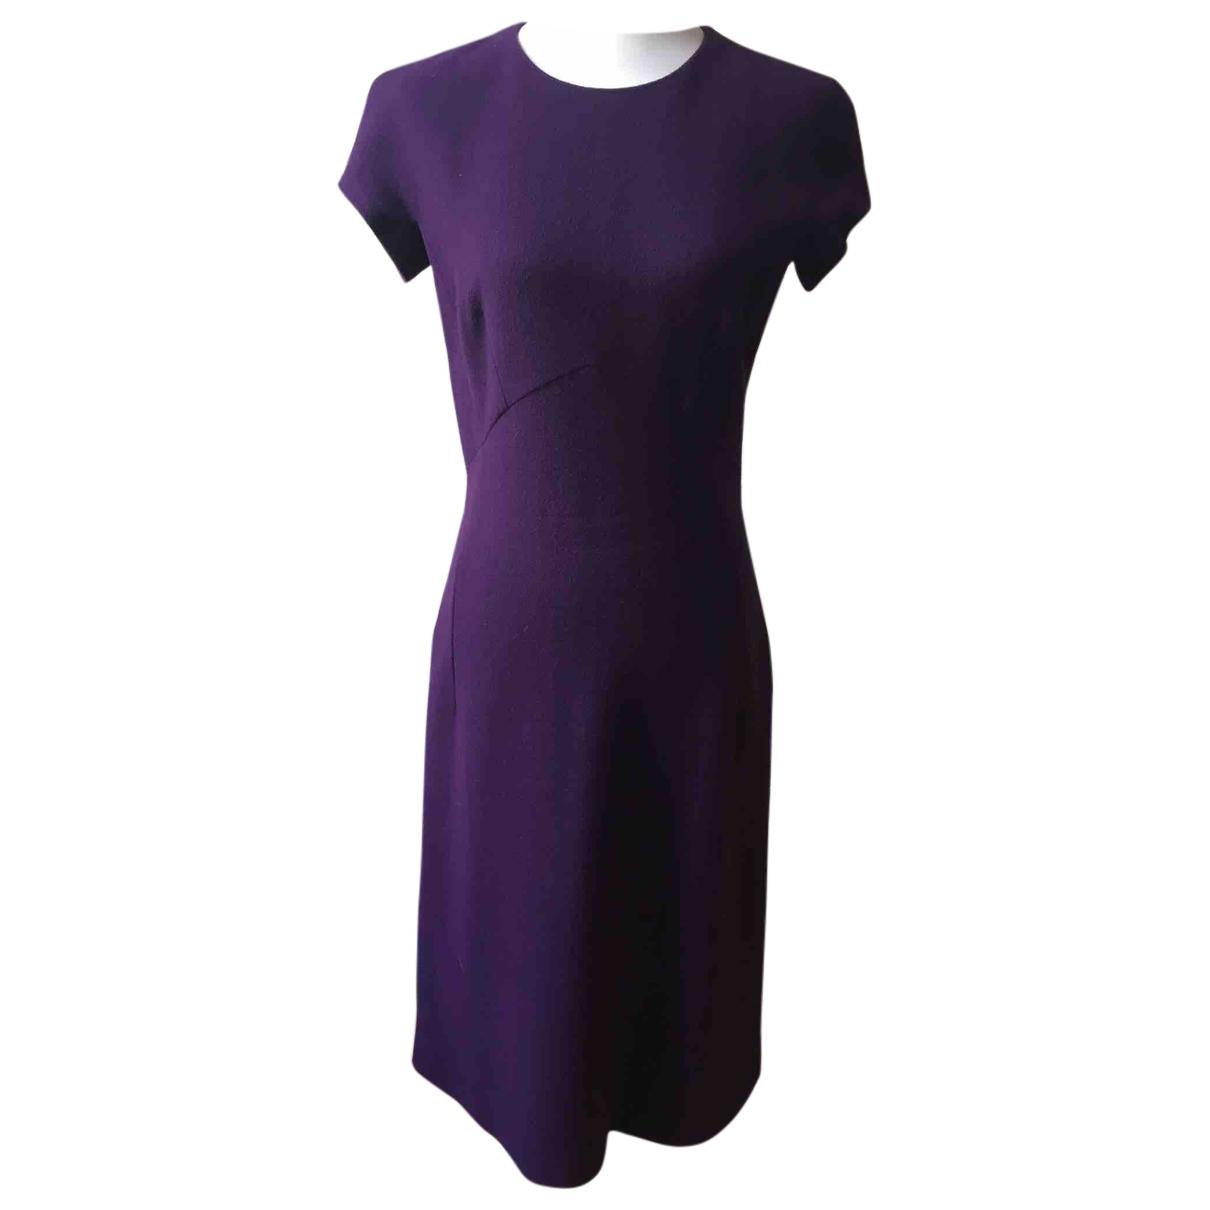 Bottega Veneta \N Kleid in  Lila Wolle